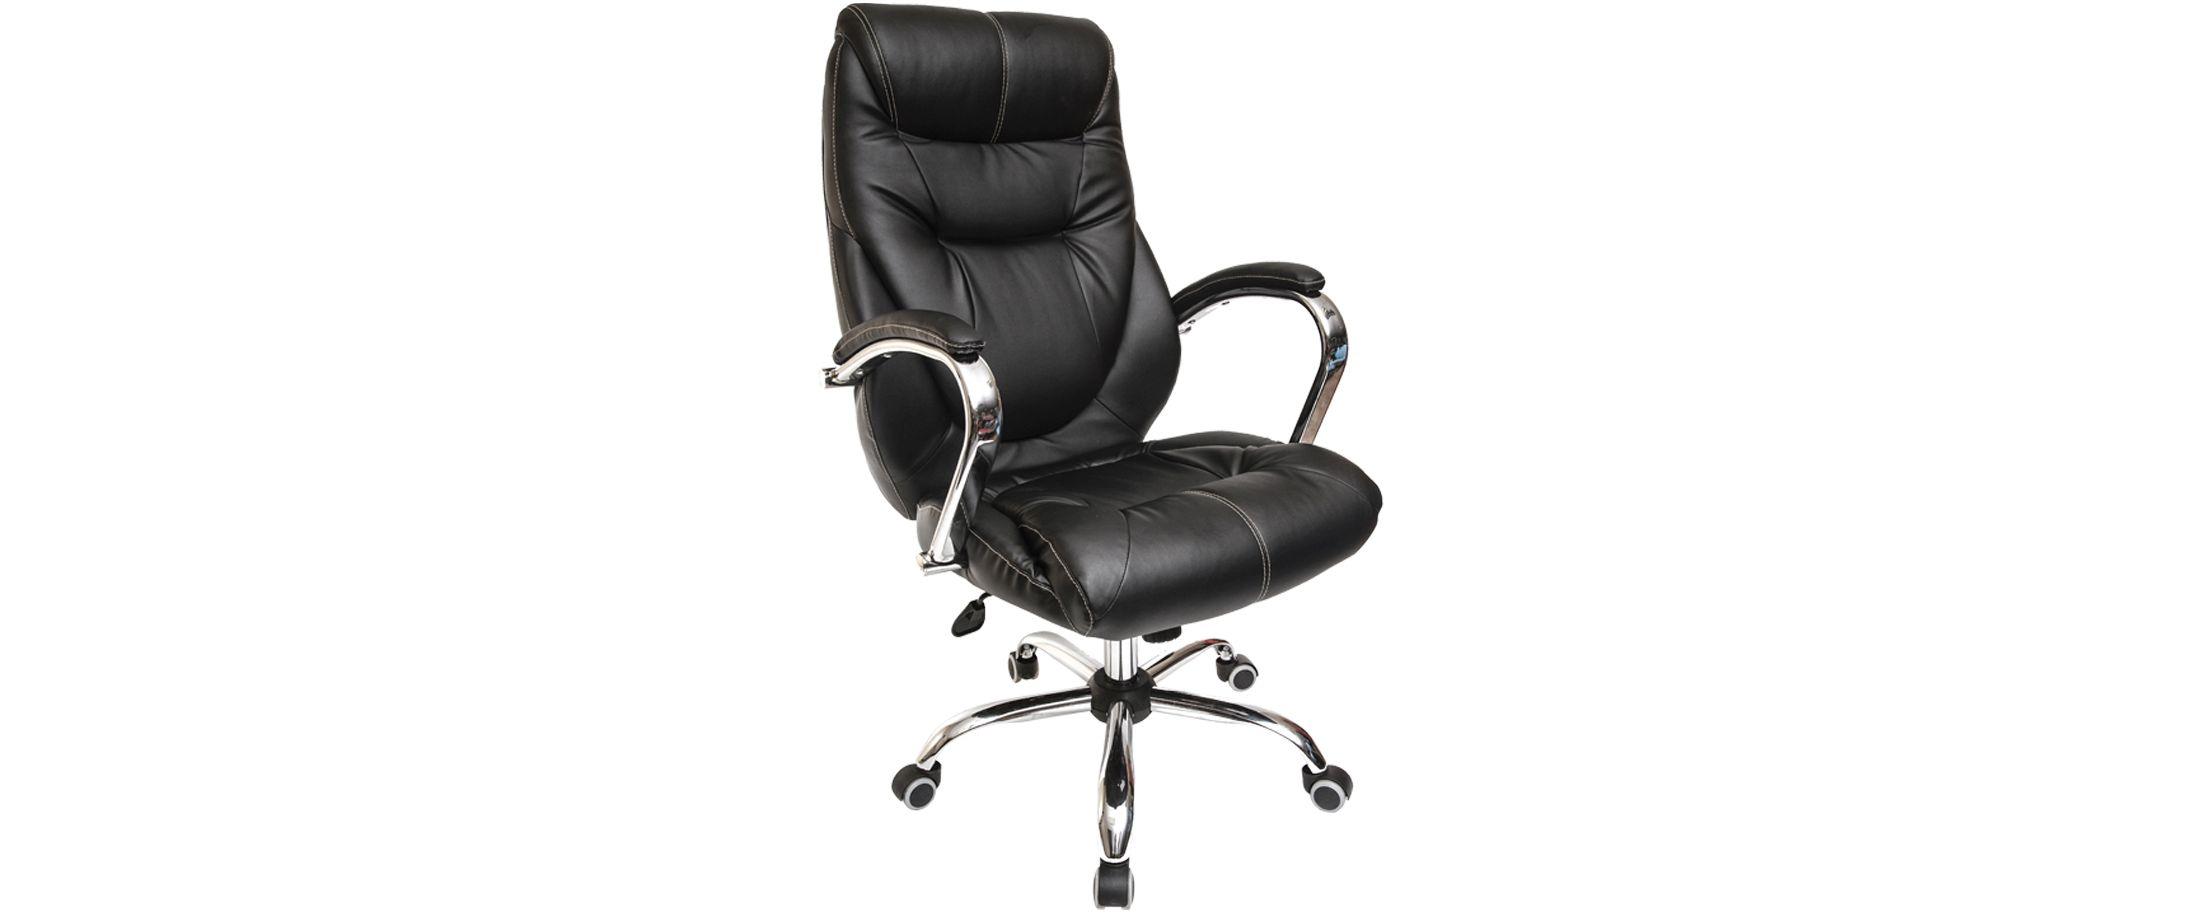 Кресло офисное AV 116 из экокожи цвет черный Модель 999 от MOON TRADE